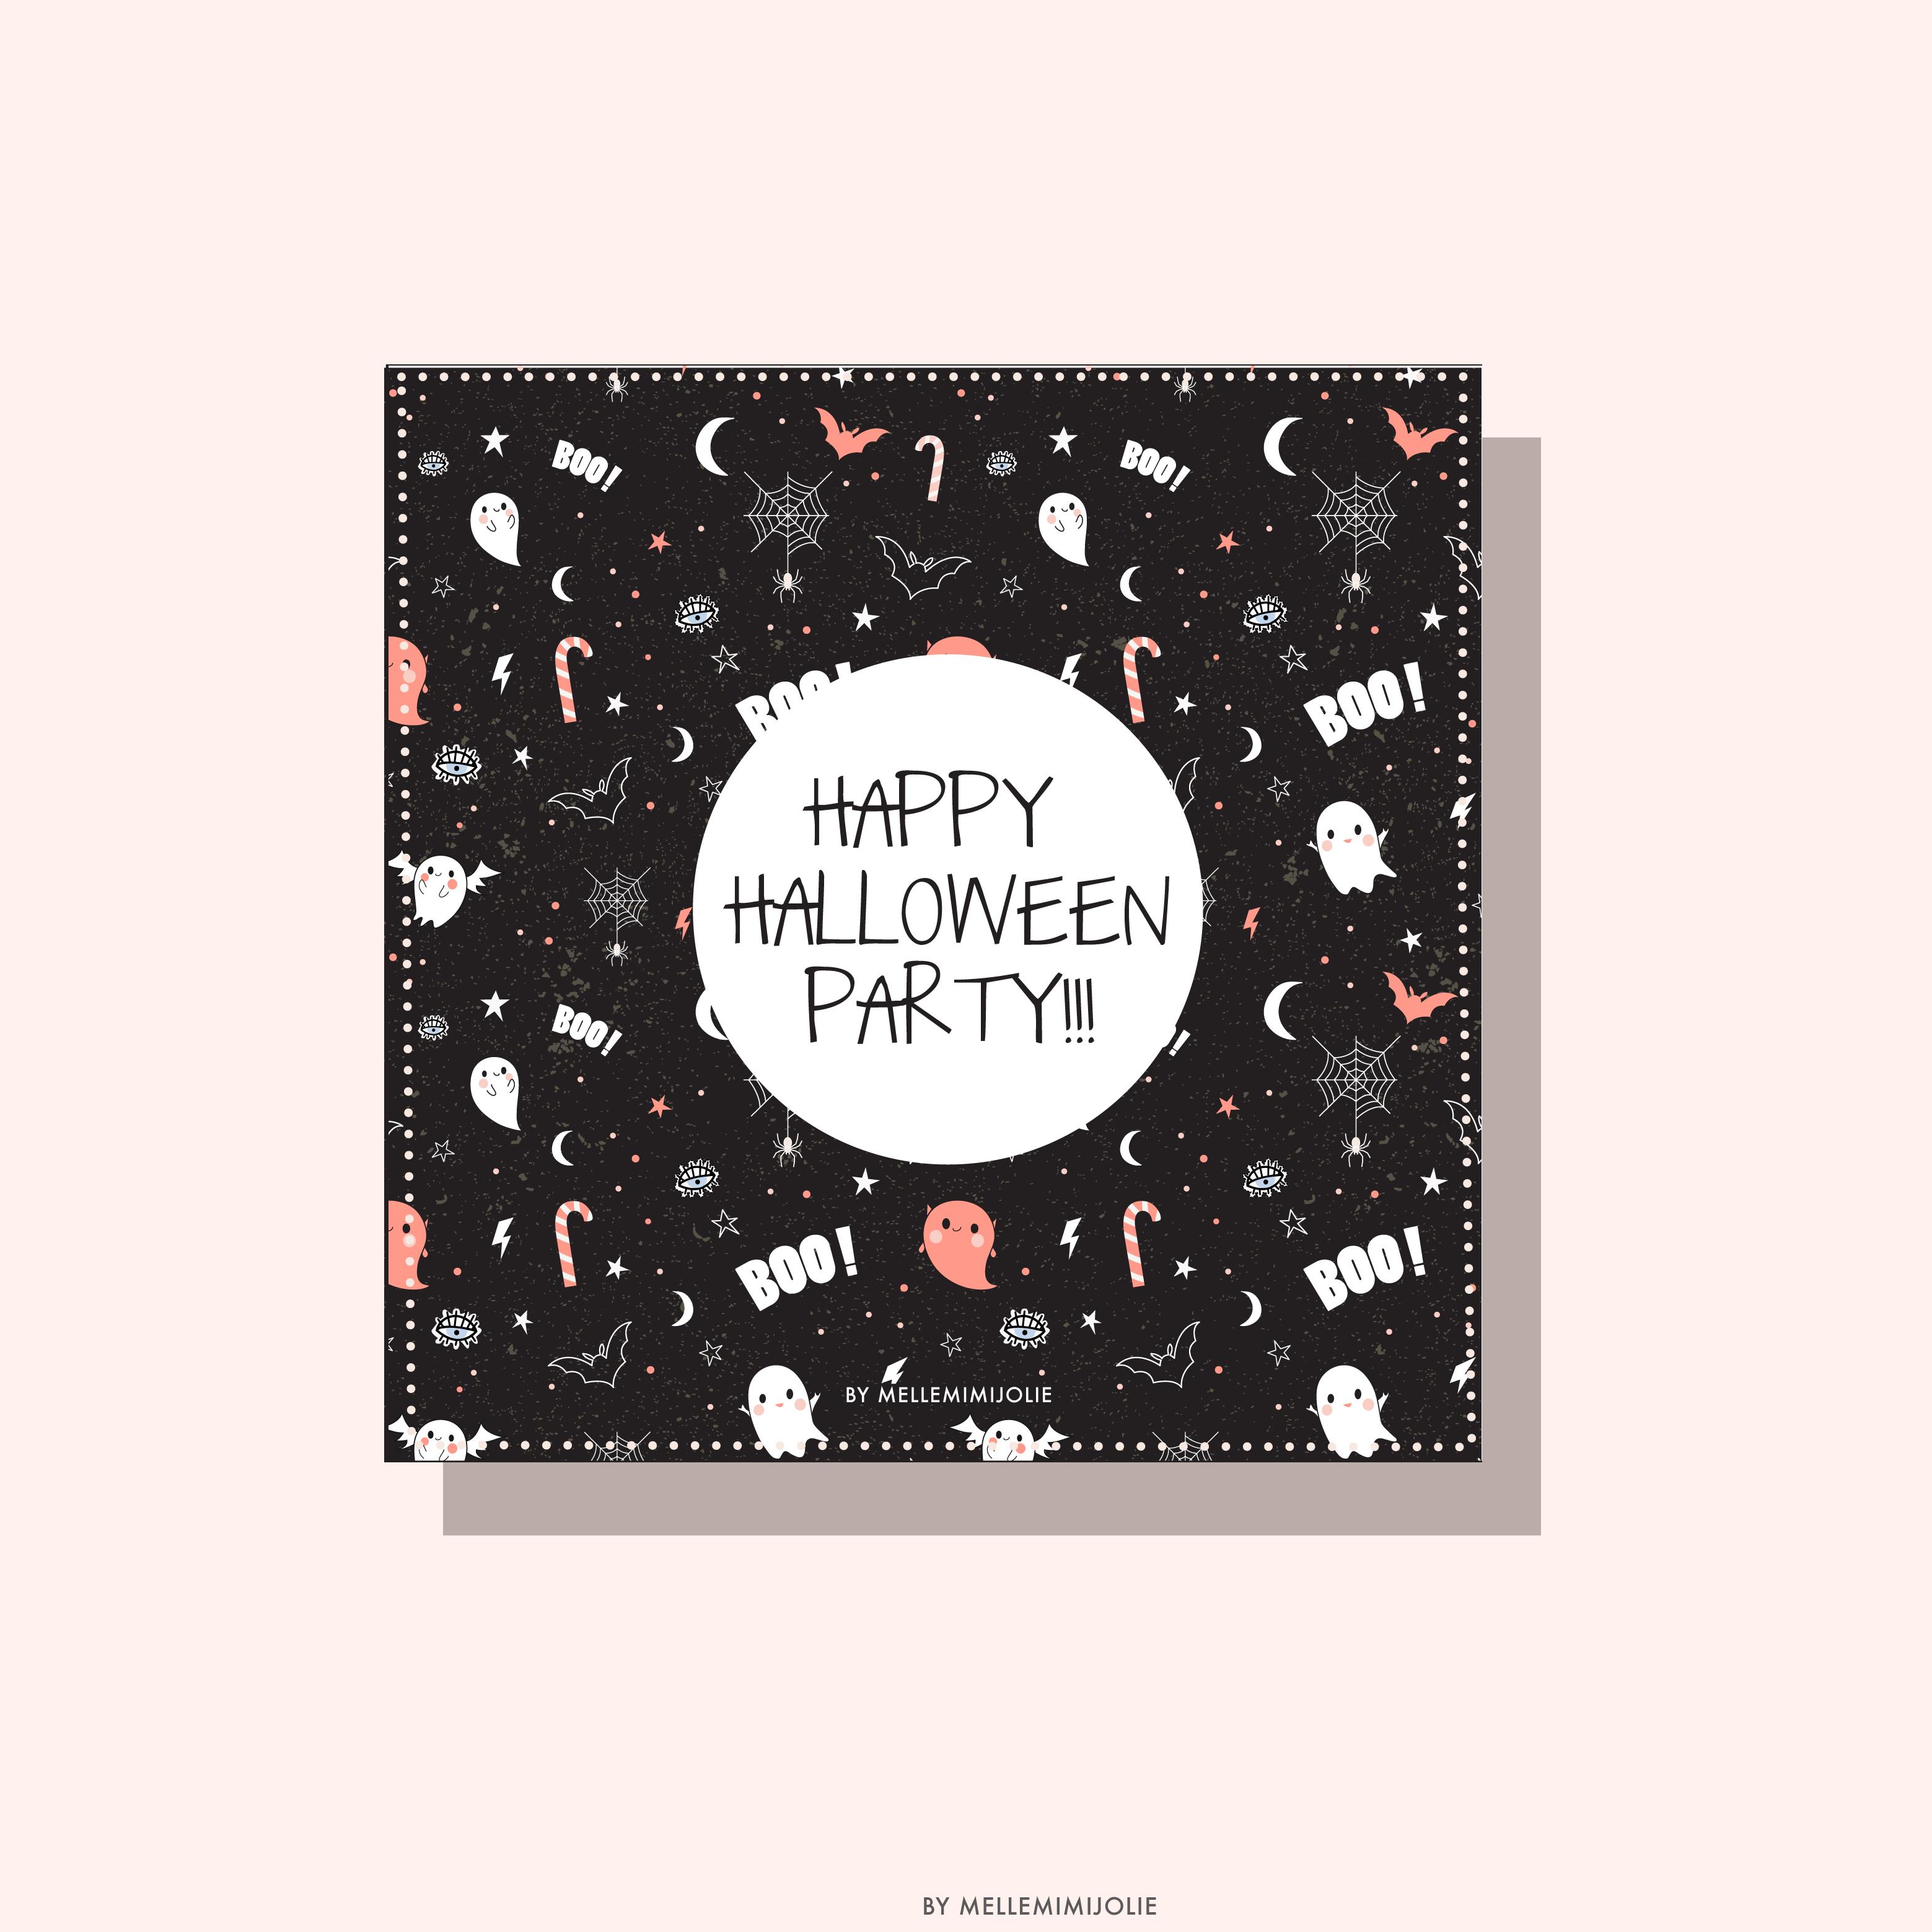 Halloweenspecial-mellemimijolie